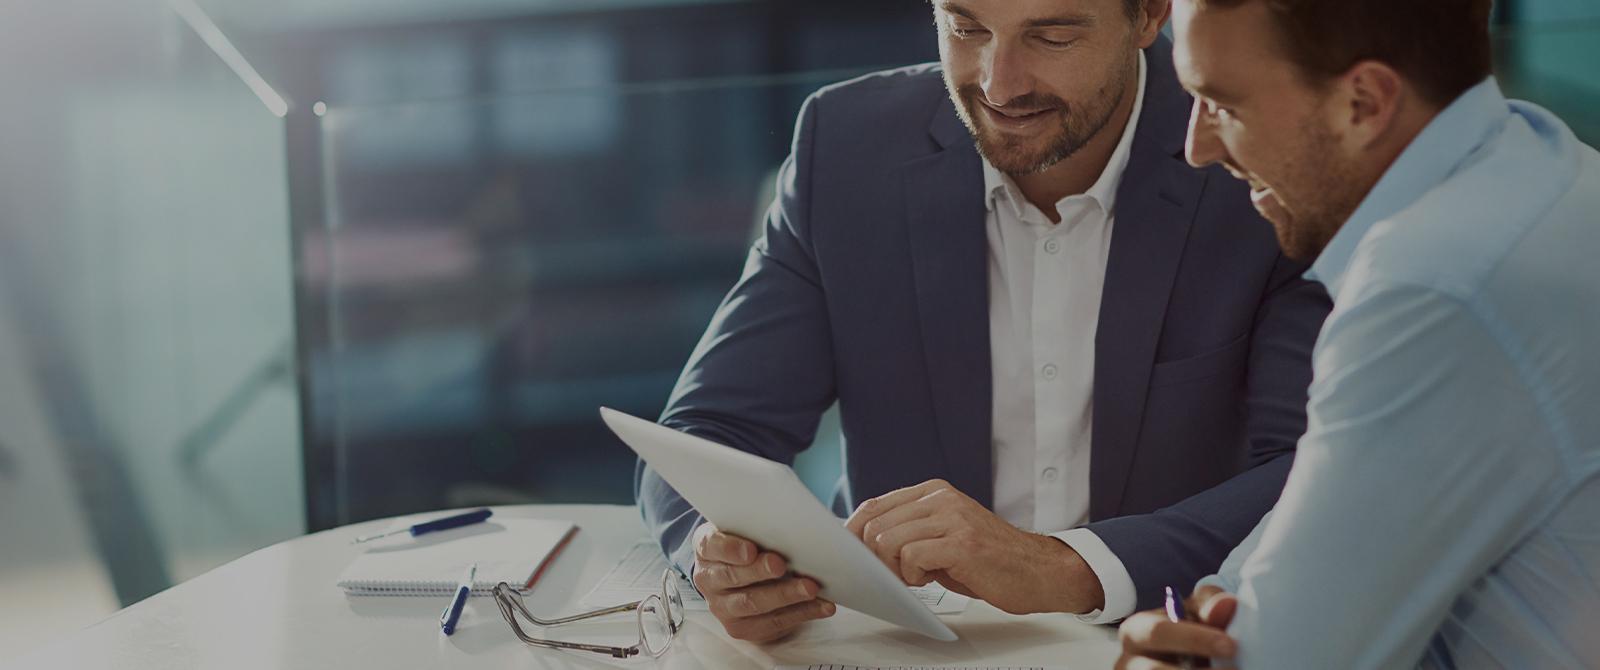 Une équipe d'expert pour vous accompagner Renault fleet customer solutions